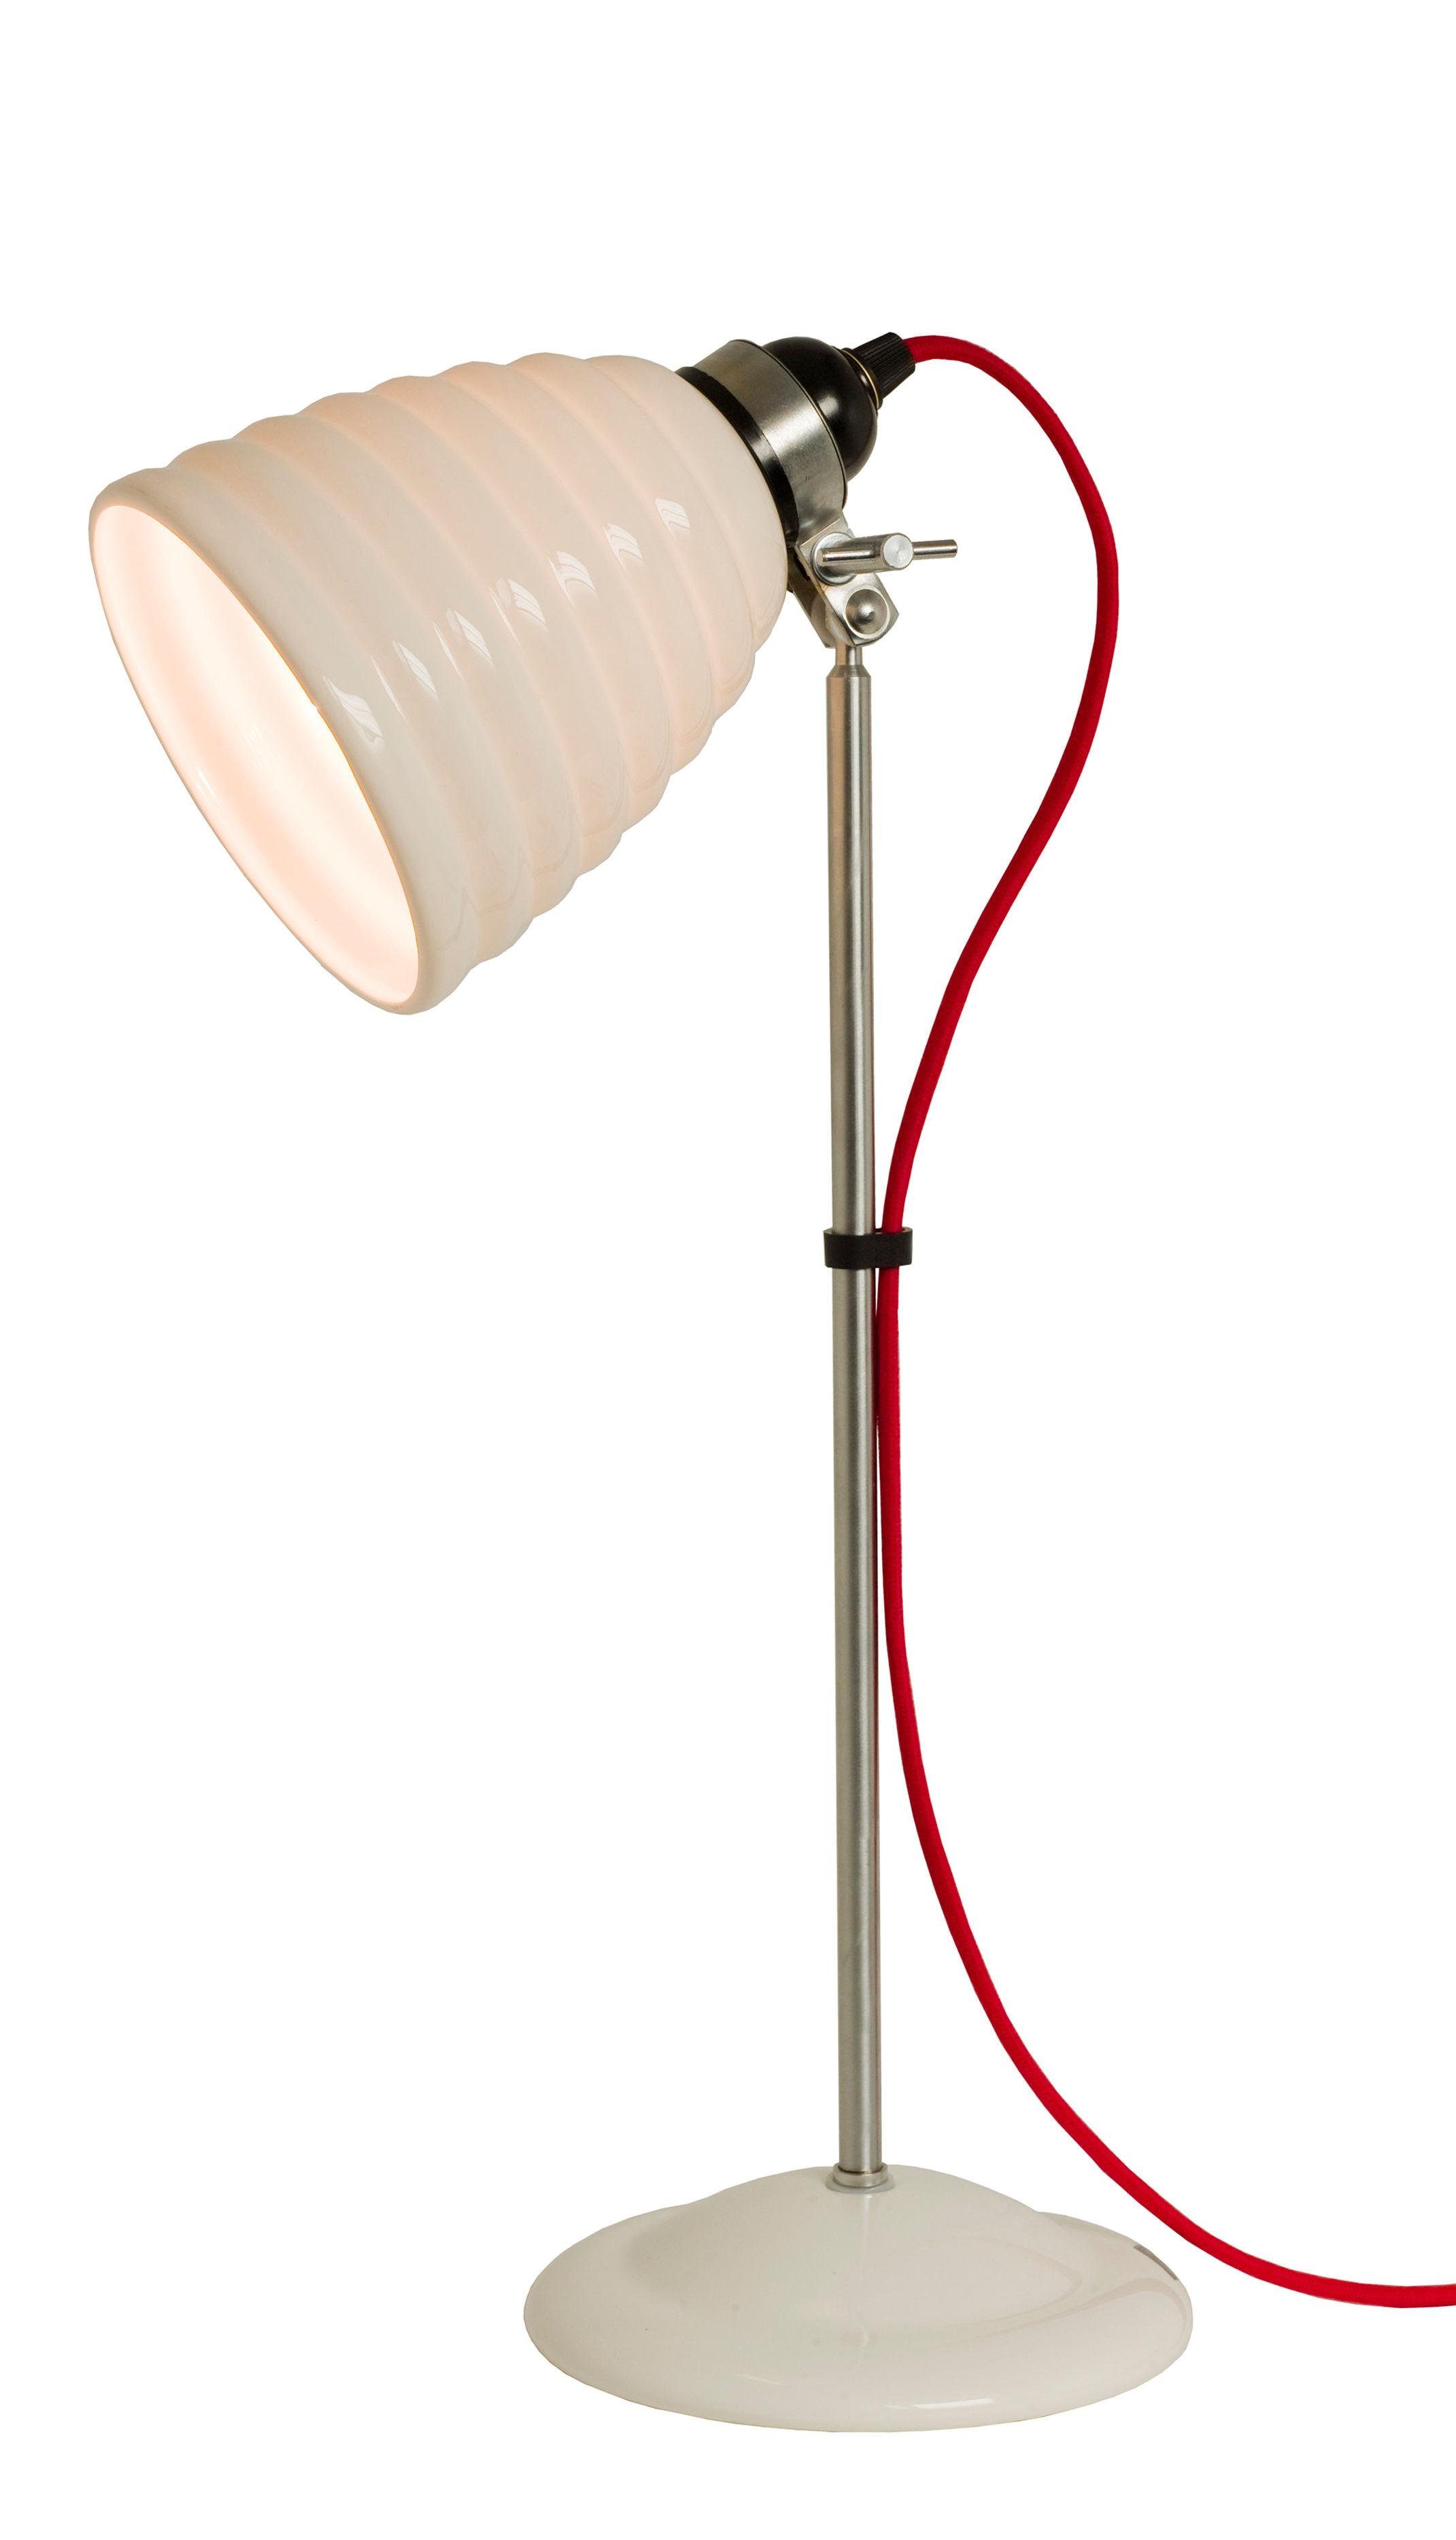 Illuminazione - Lampade da tavolo - Lampada da tavolo Hector Bibendum - / H 57 cm - Porcellana striata di Original BTC - Bianco striato / Metallo / Cavo rosso - Metallo cromato, Porcellana